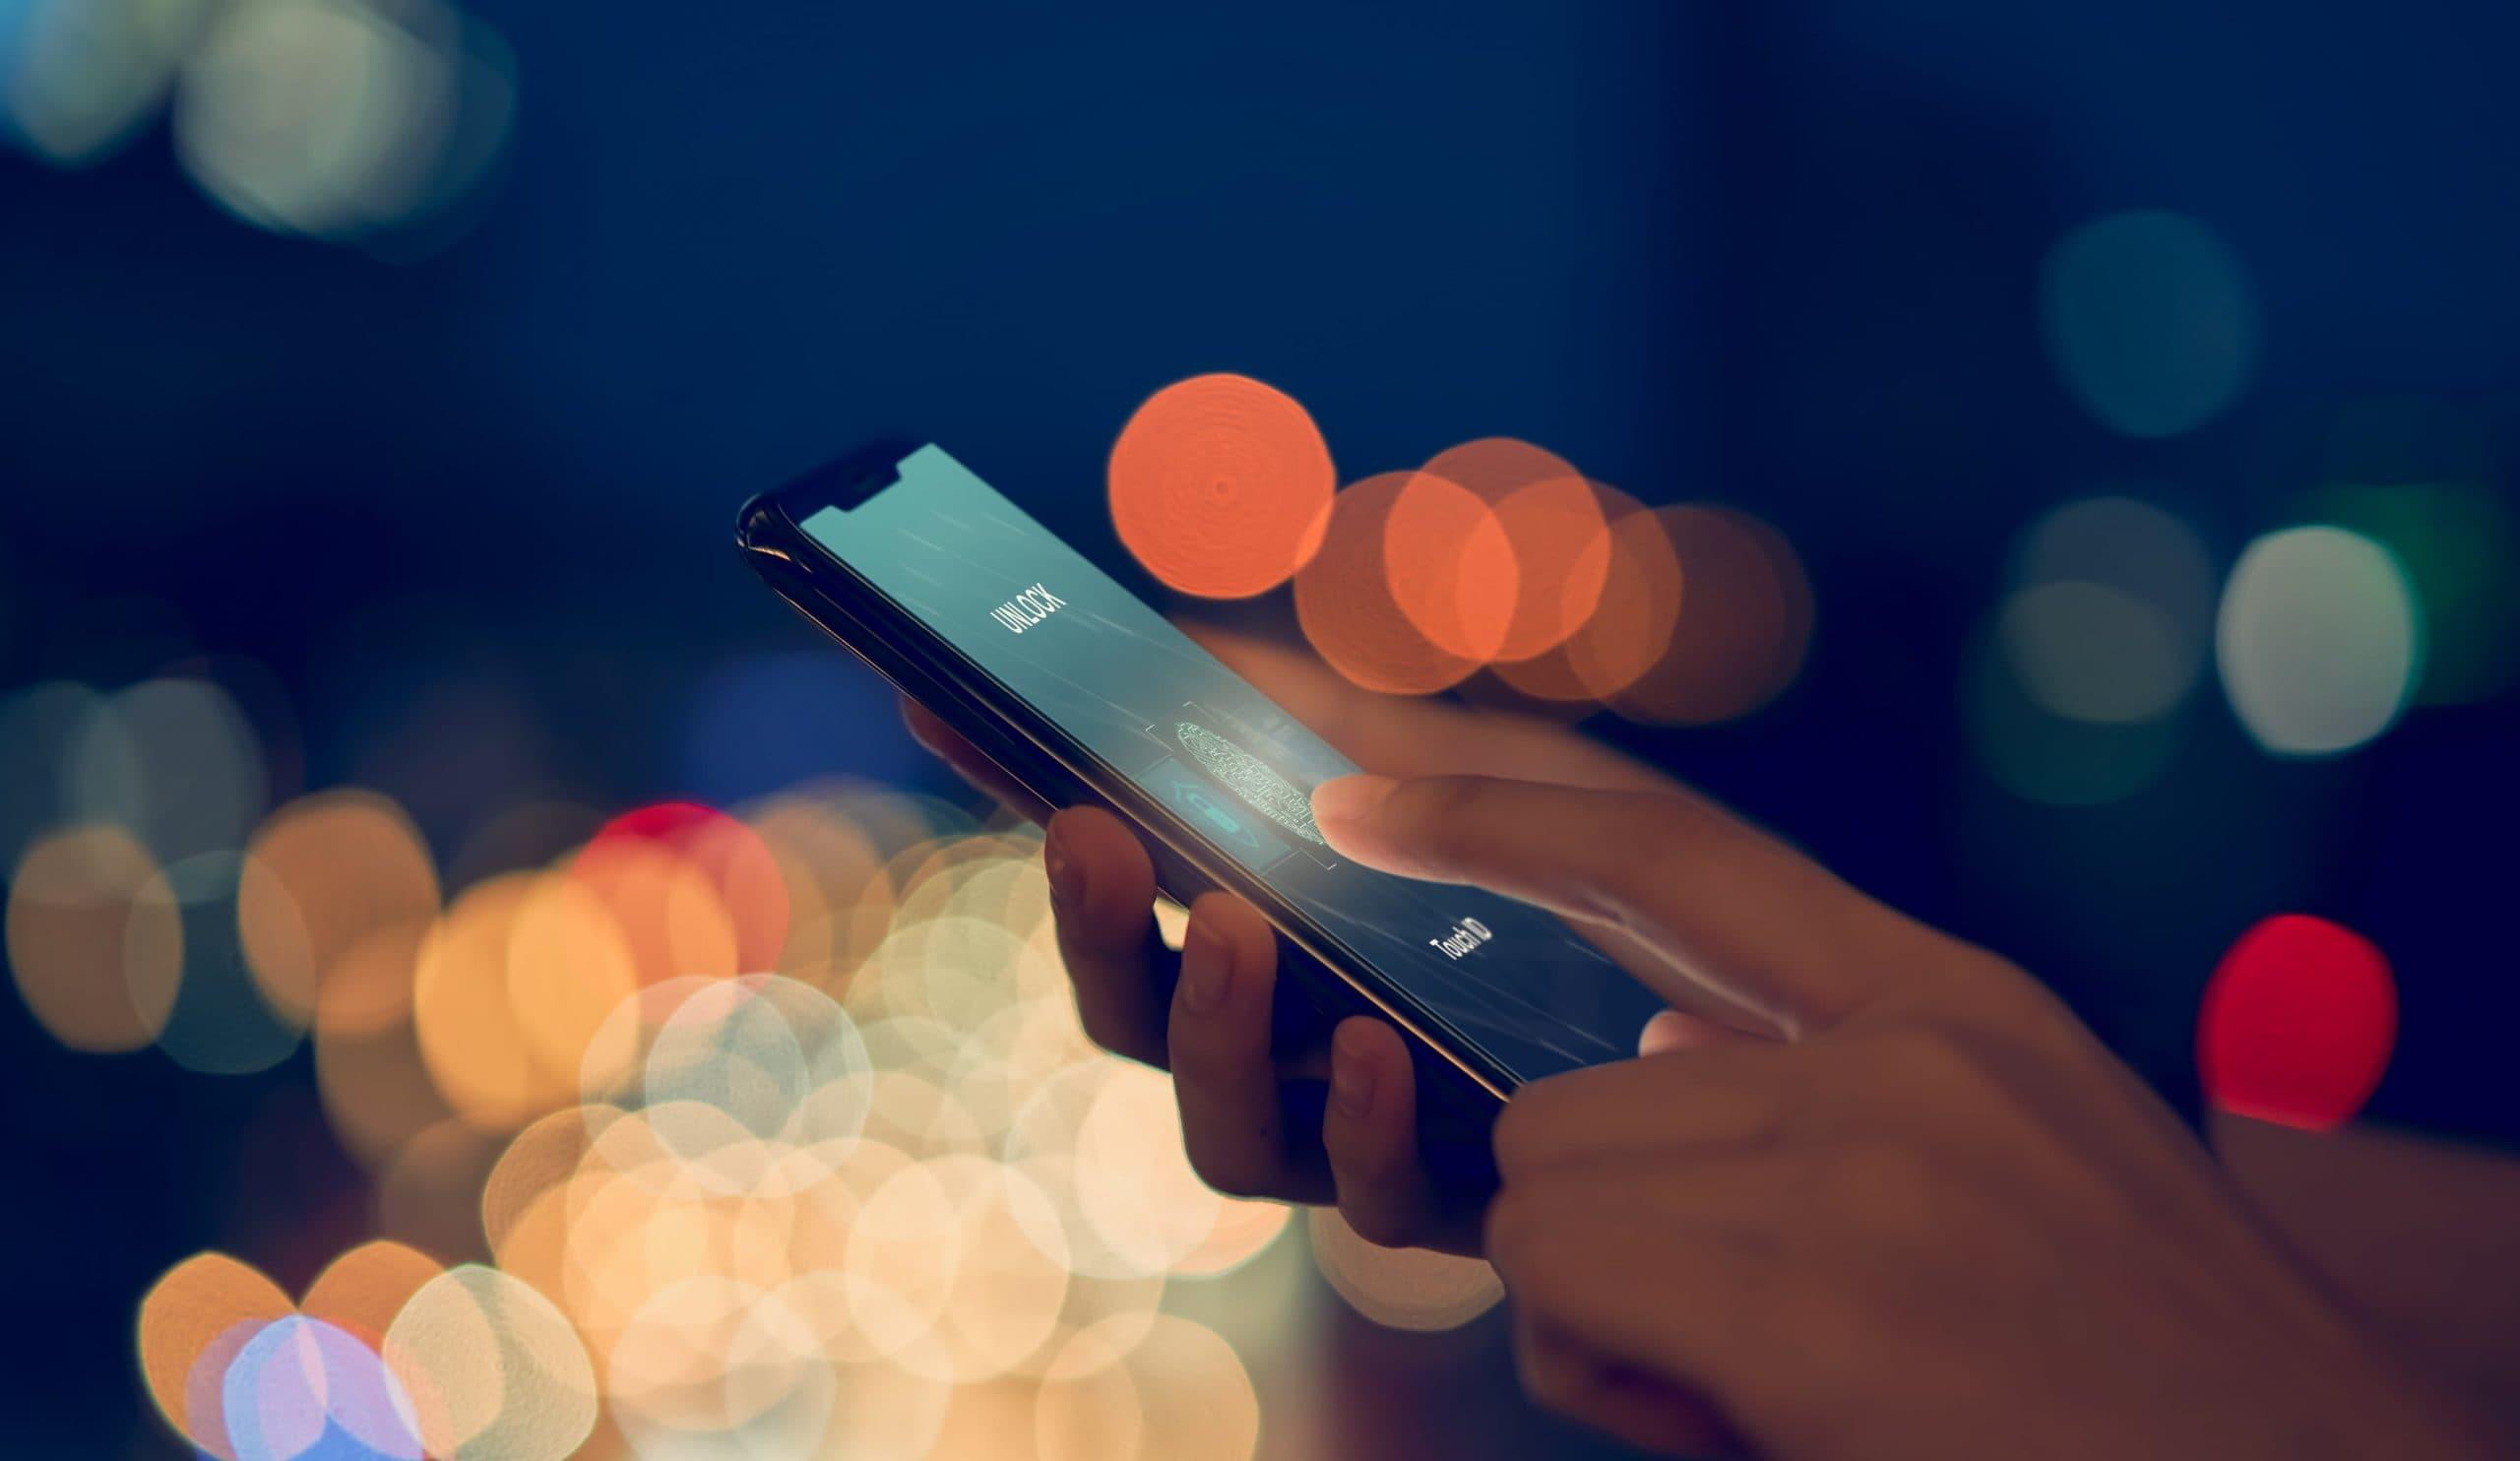 Nahaufnahme eines Smartphones, das einen Fingerabdruck scannt